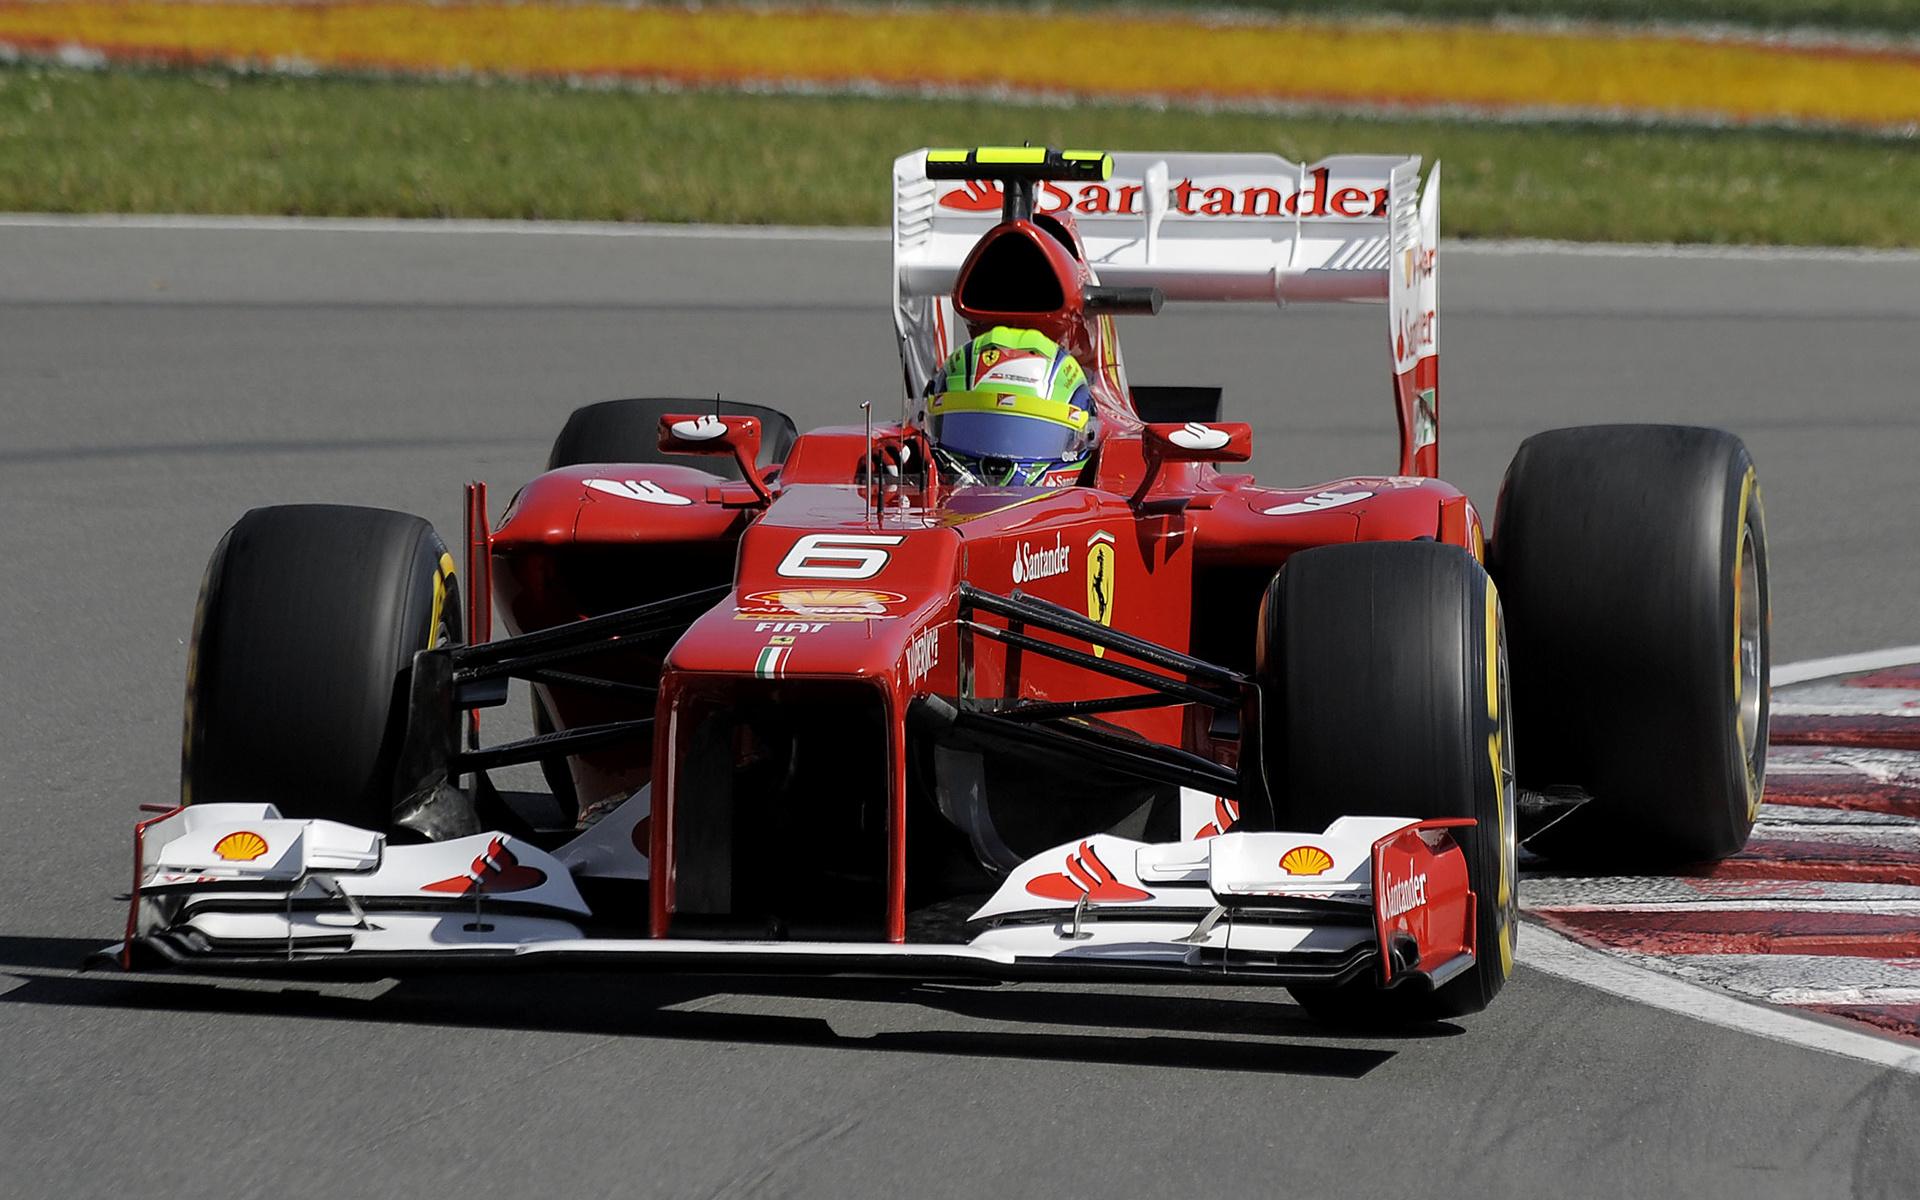 Ferrari F2012 (2012) Wallpapers and HD Images - Car Pixel